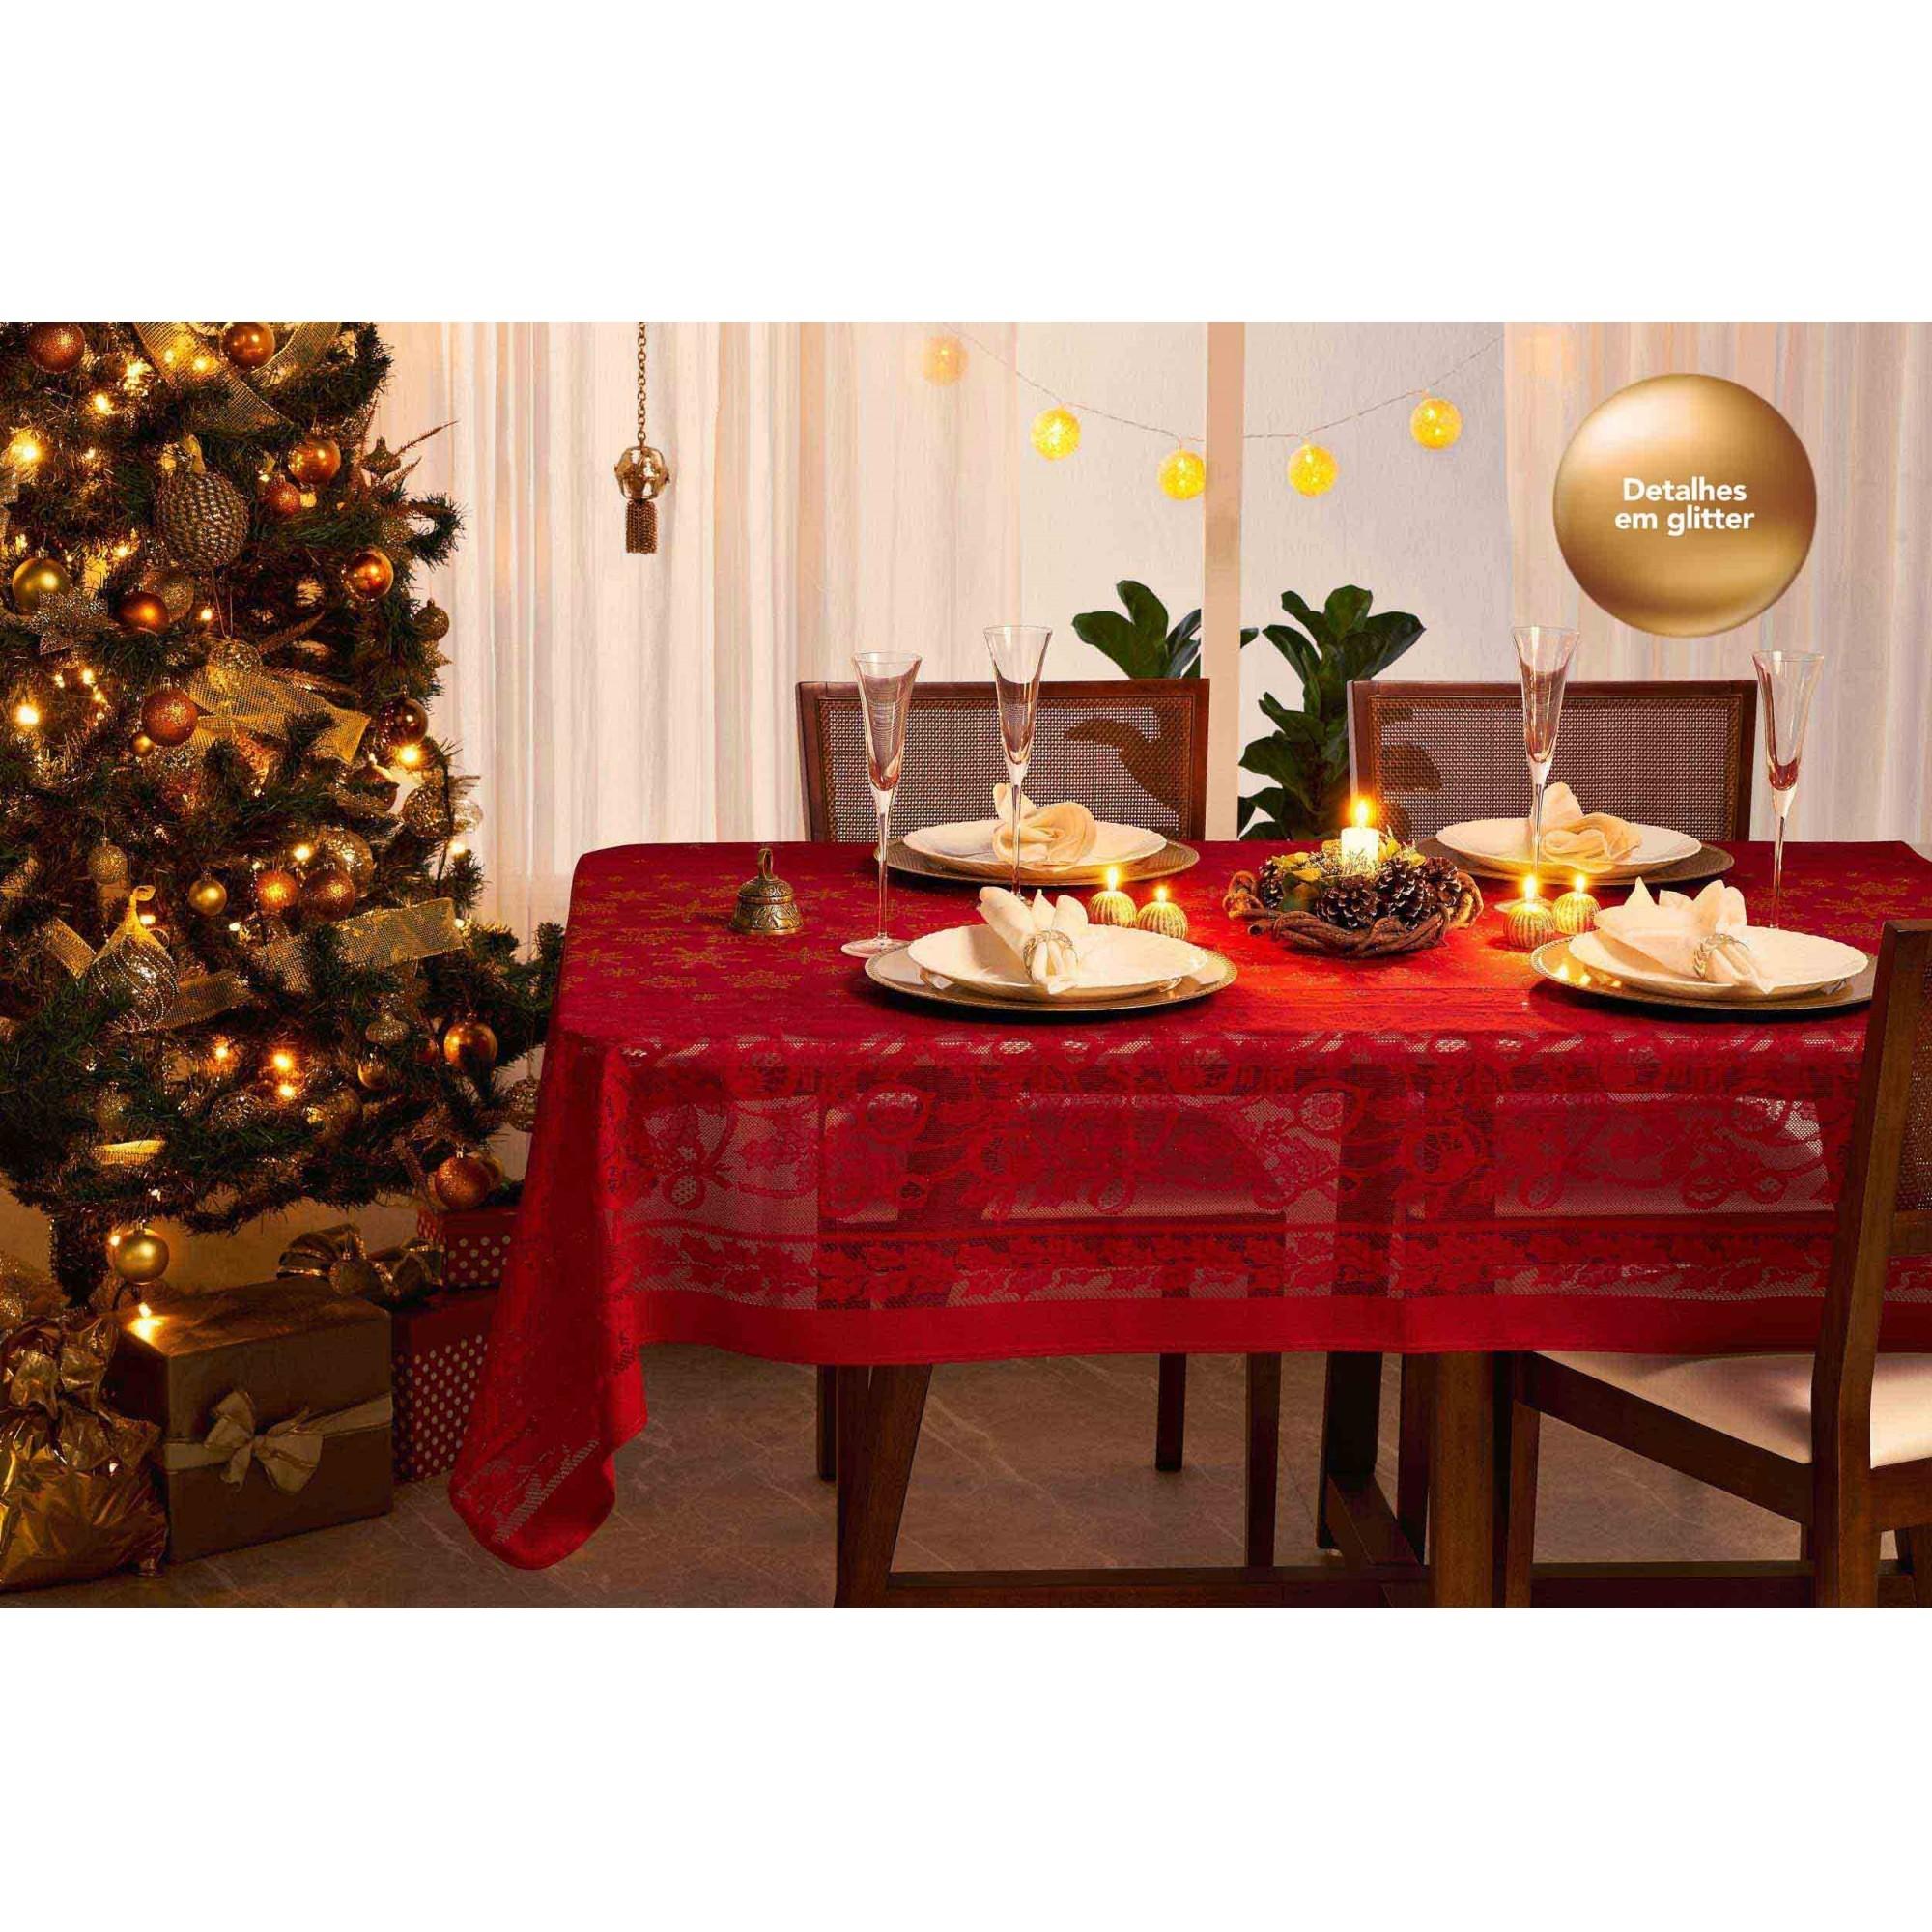 Toalha de Mesa de Renda Cristal Natal Retangular 8 Lugares 35303 Lepper